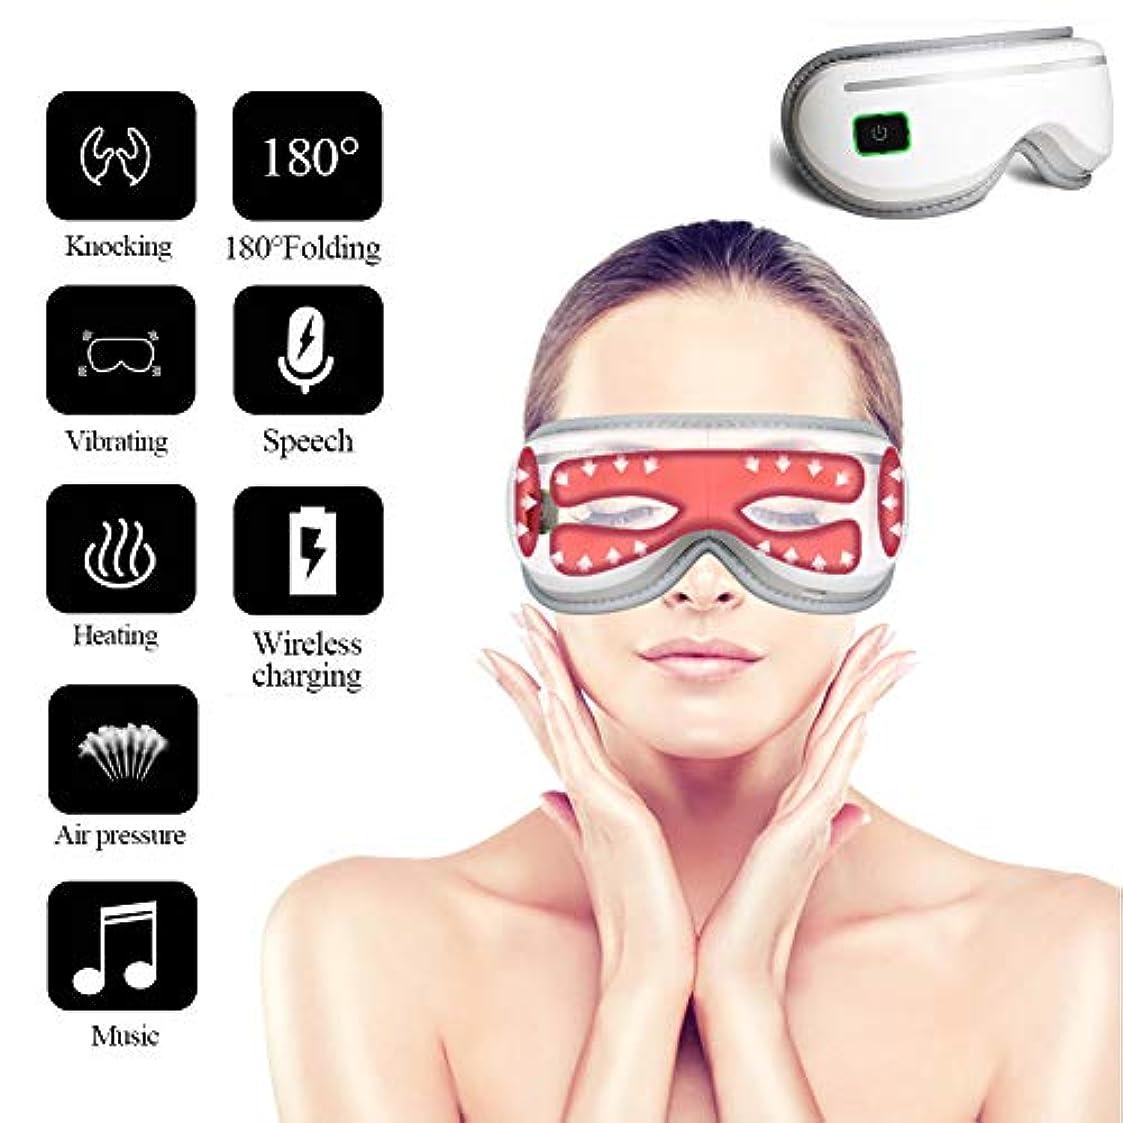 サバント知恵明確な電動アイマッサージマスク音楽頭痛ストレスリリーフ折り畳み式マシンのための3つのモードでリラックス空気圧、熱圧縮、振動マッサージ、ウォシュレットギフト